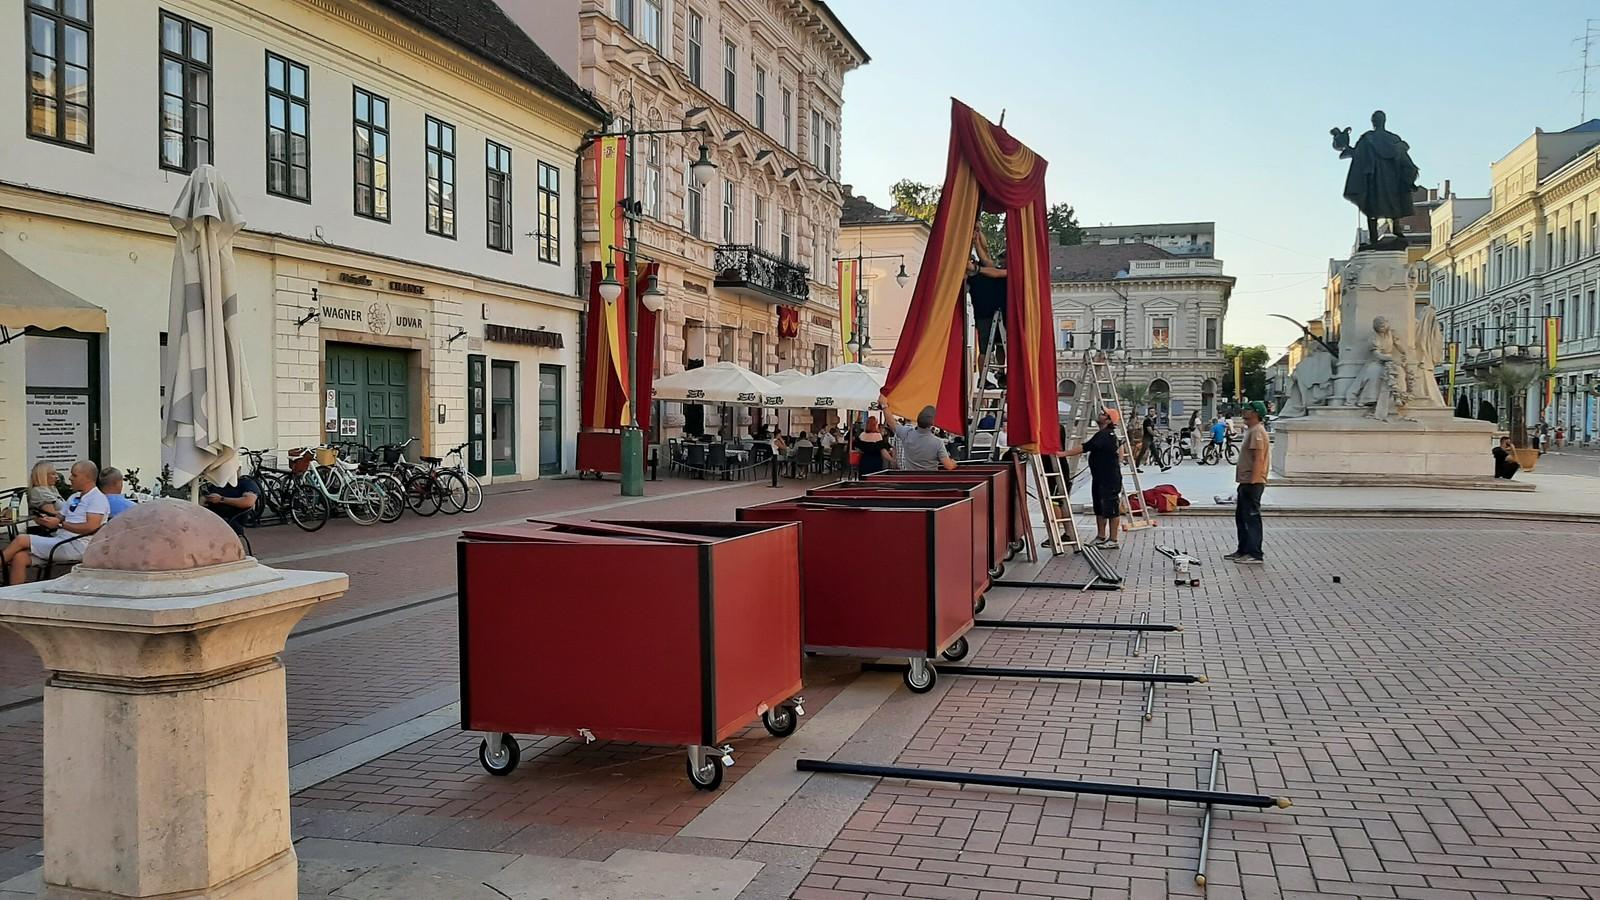 Spanyol belvárossá alakítják Szegedet egy filmforgatás miatt